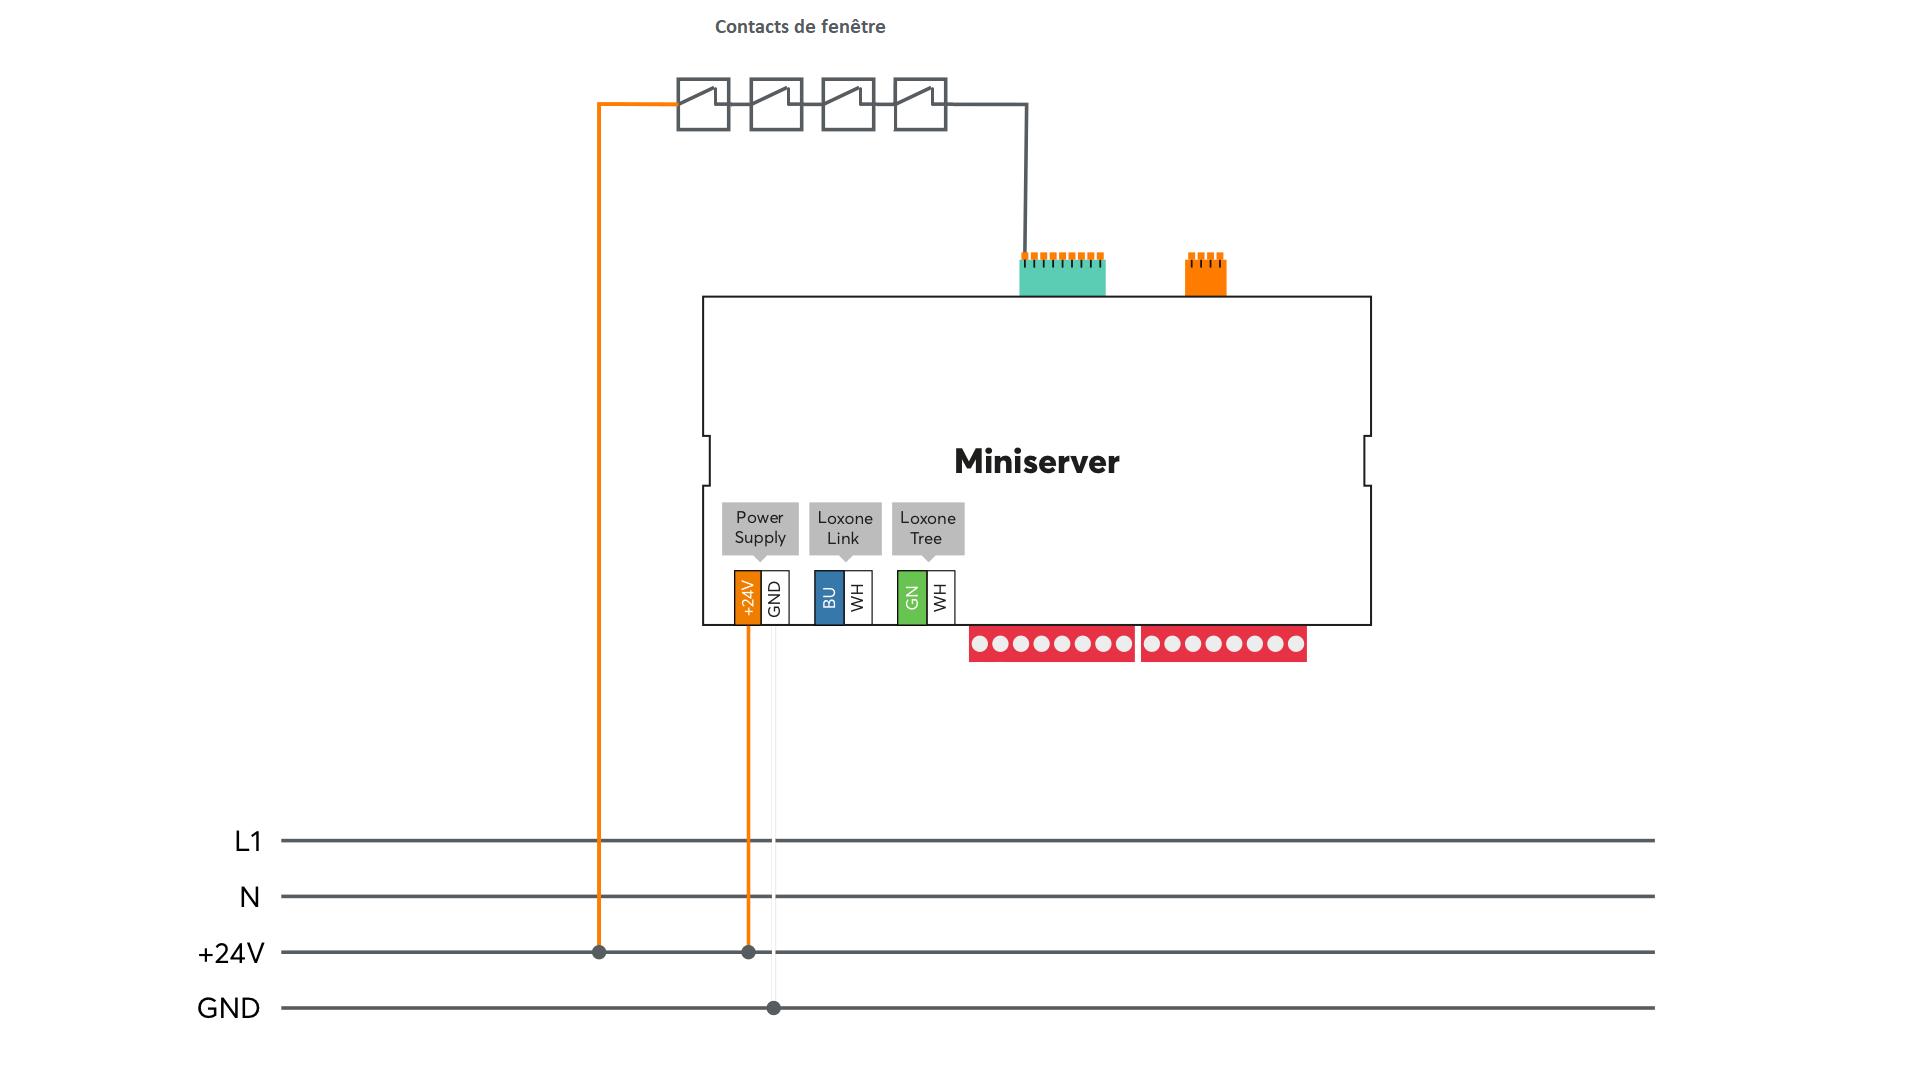 Schéma de câblage contacts de fenêtre multiples